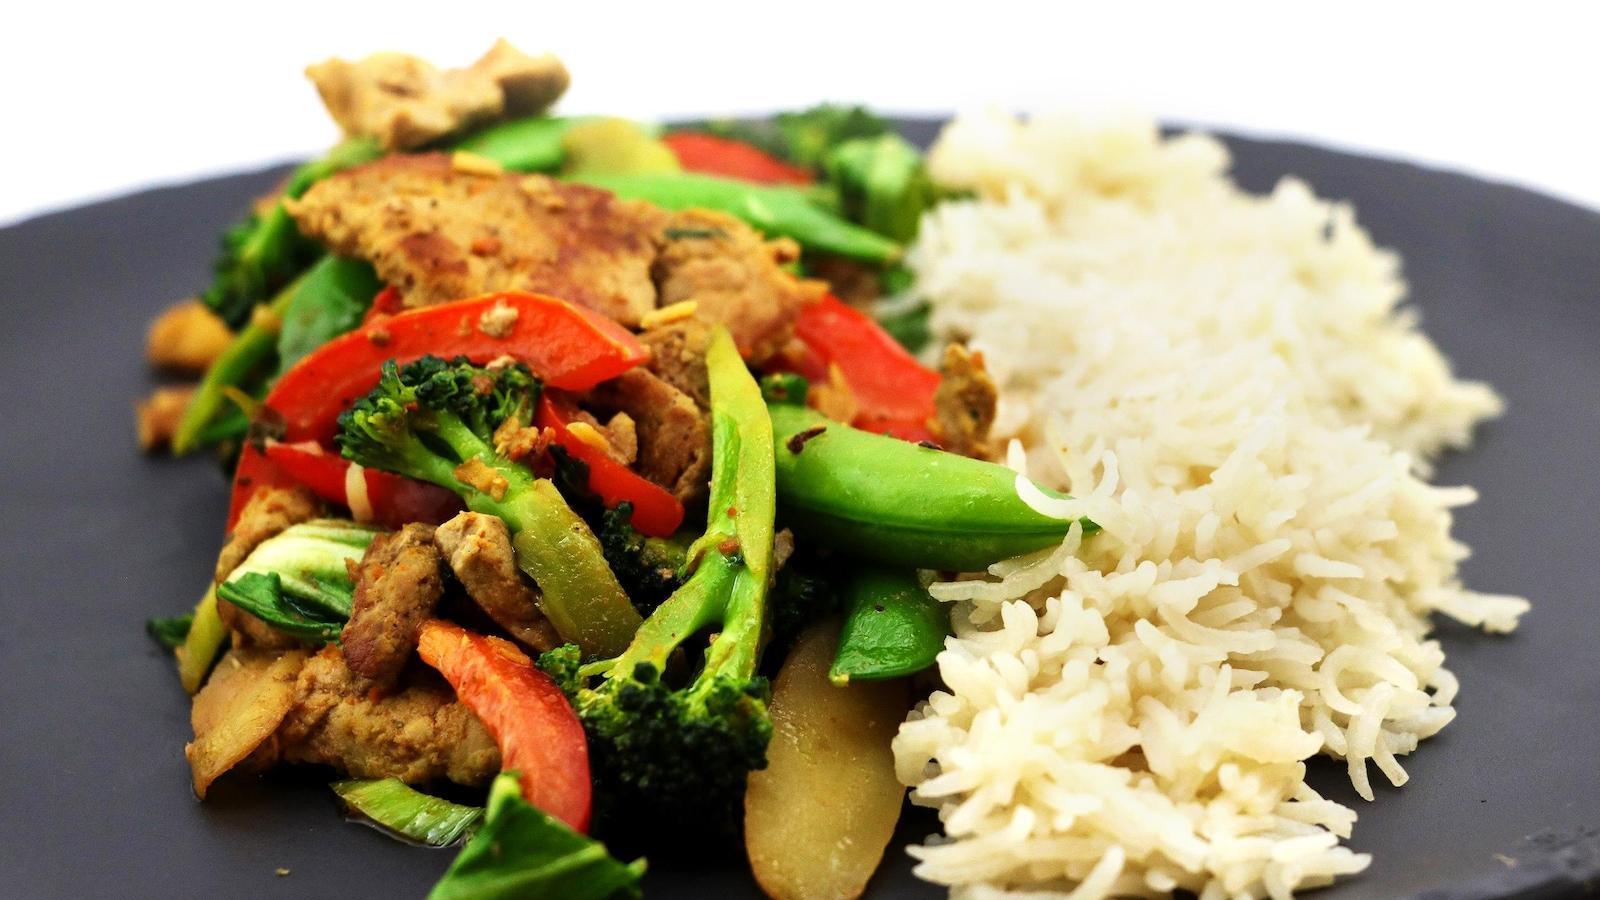 Les légumes sont des brocolis, de pois mange-tout et des poivrons.